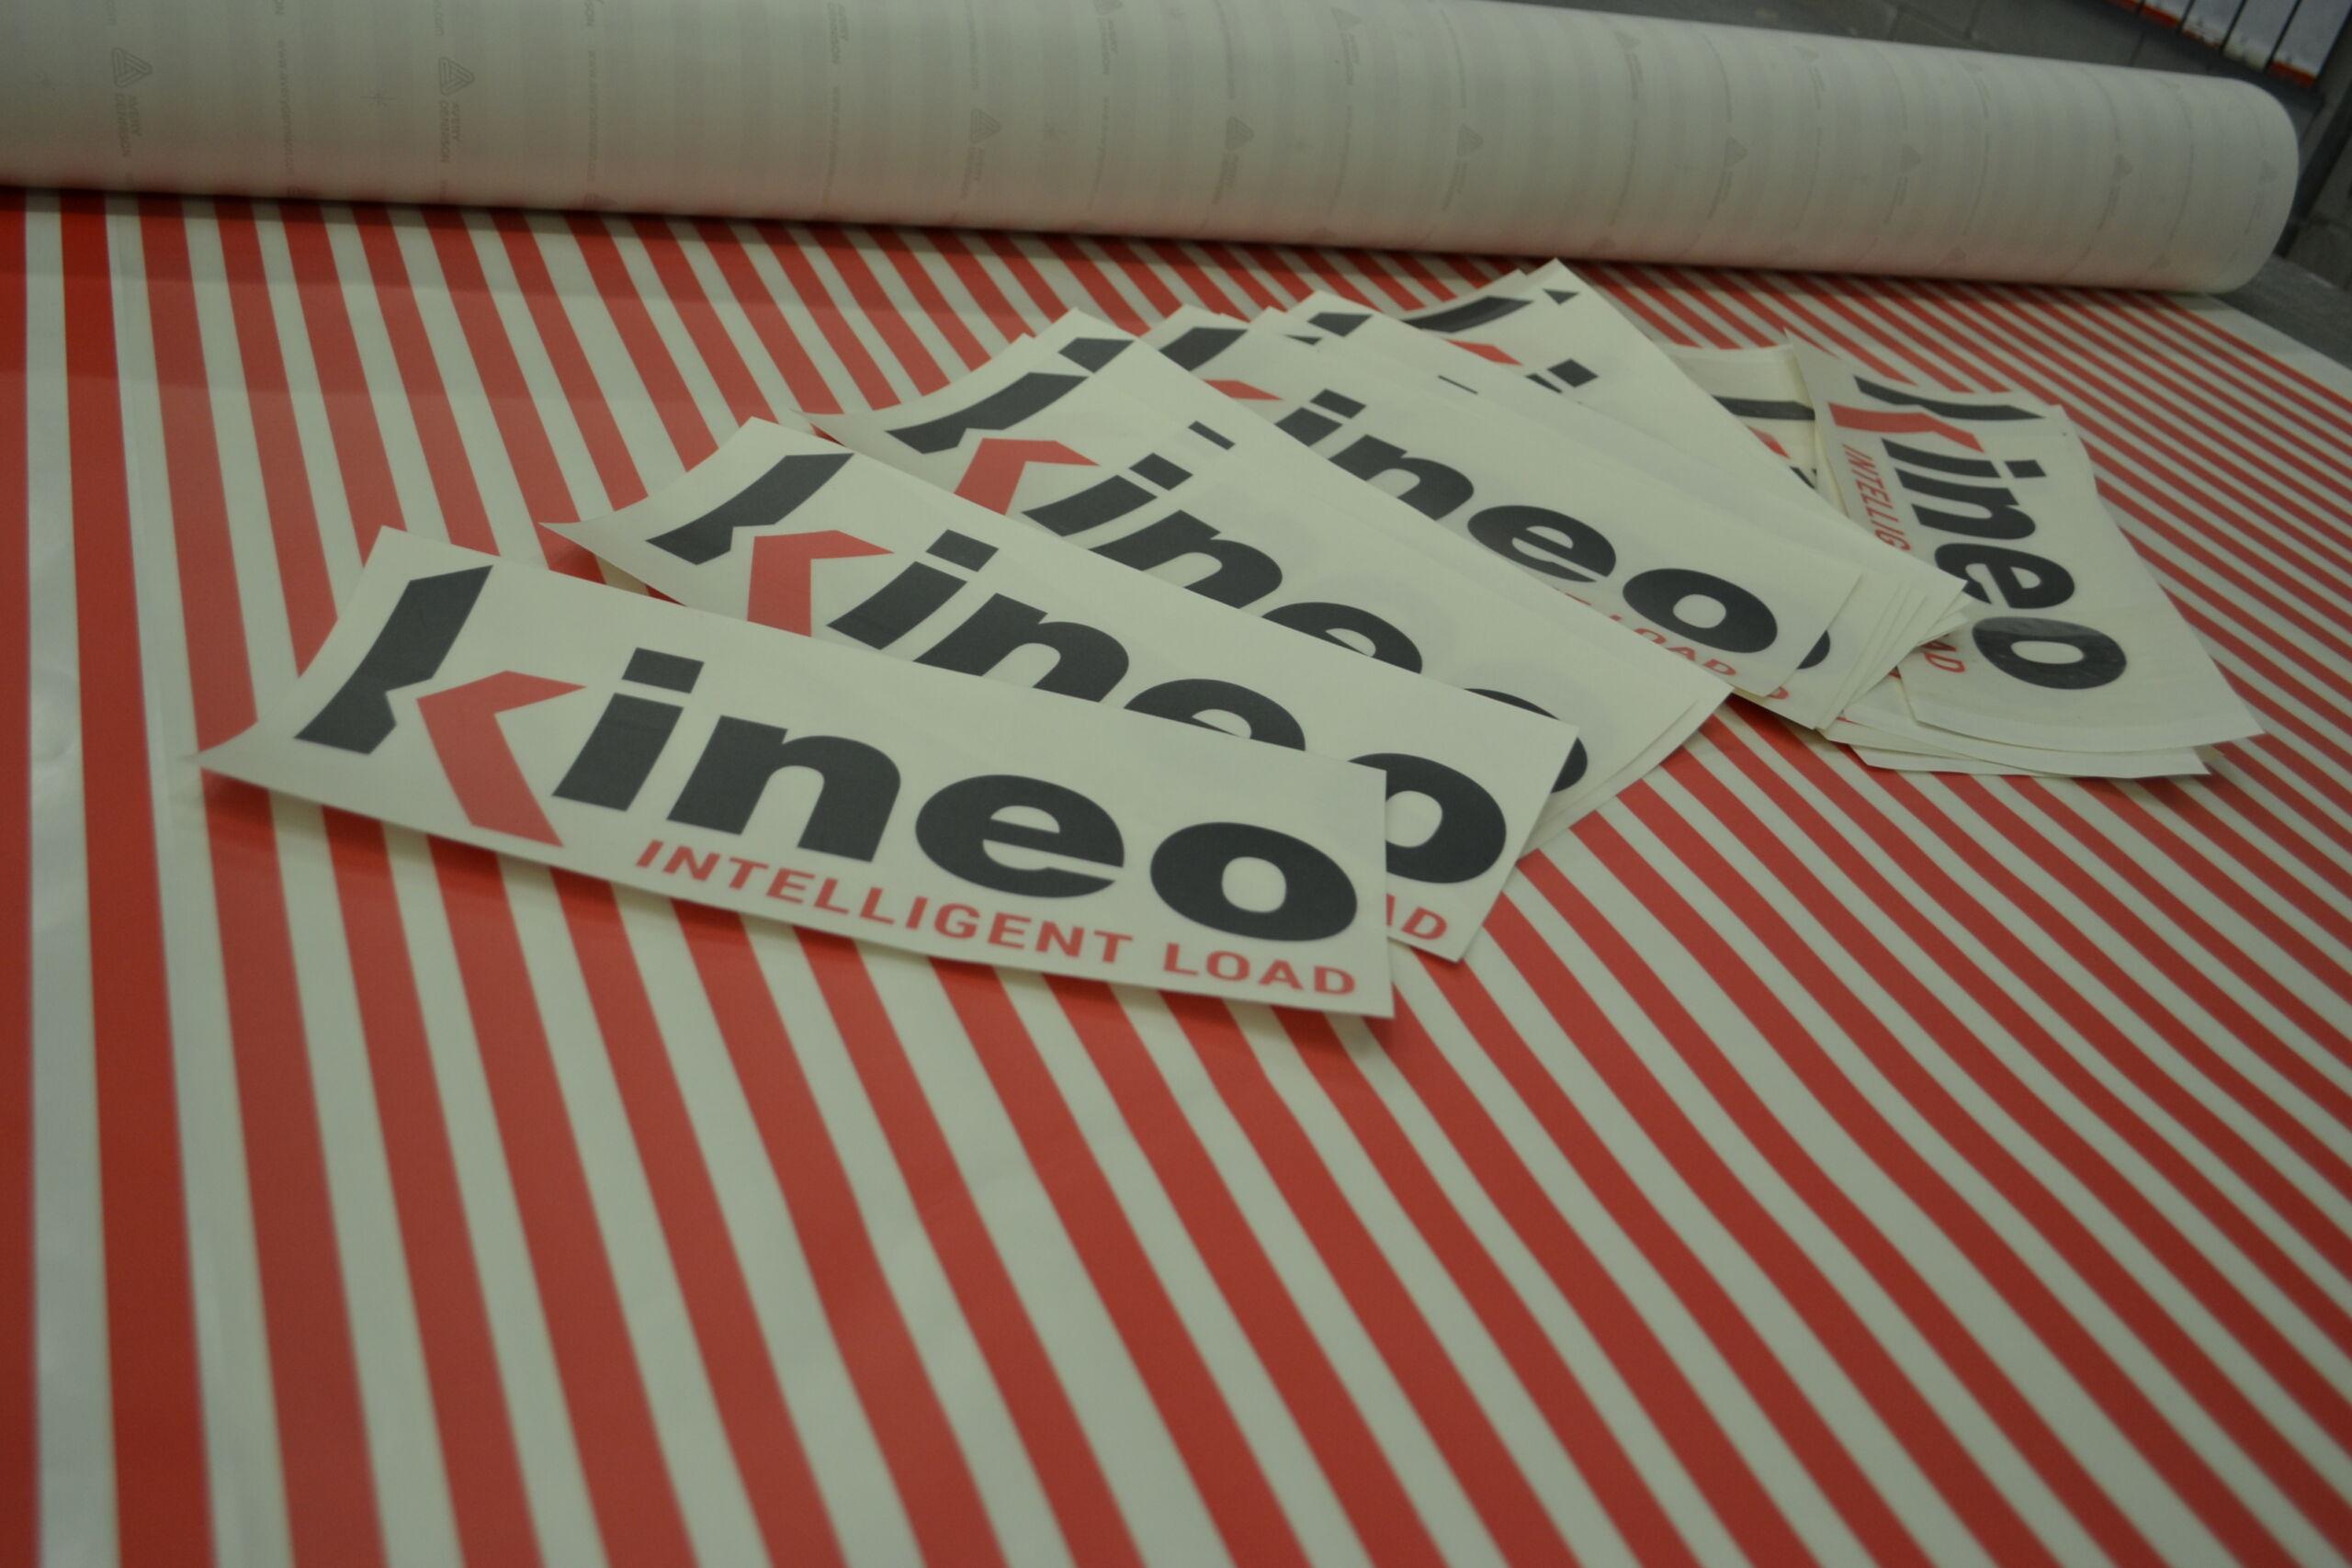 Dema Pubblicità-Etichetta Kineo intelligent load